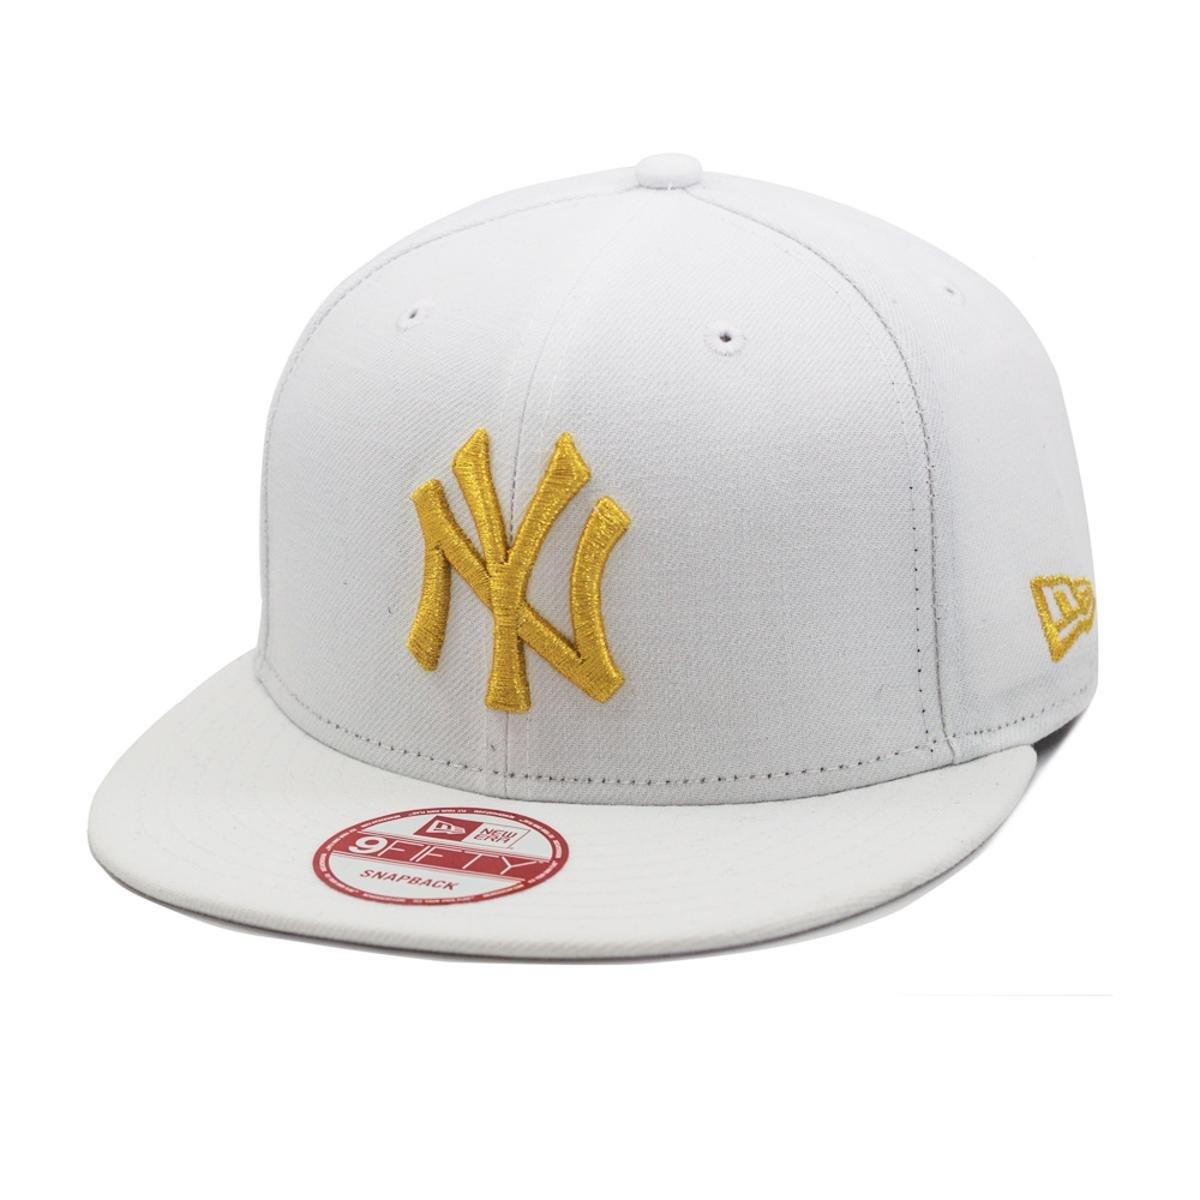 Boné New Era Snapback New York Yankees Mlb - Branco e dourado - Compre  Agora  734501b7040